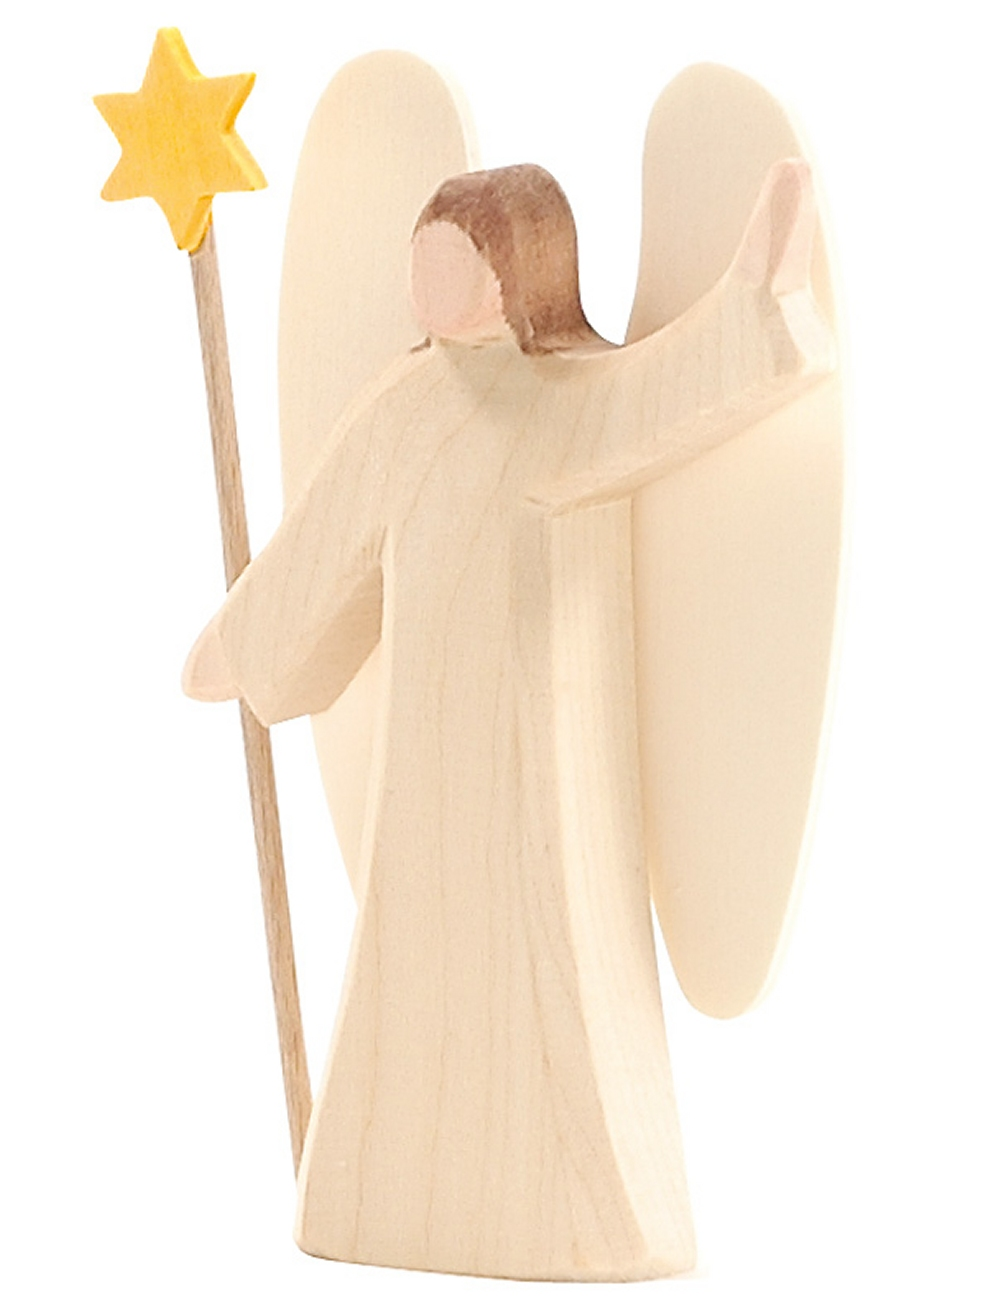 OSTHEIMER 66500 Engel mit Stern Serie MINI Höhe 12cm mit Holzkiste mit Holzwolle